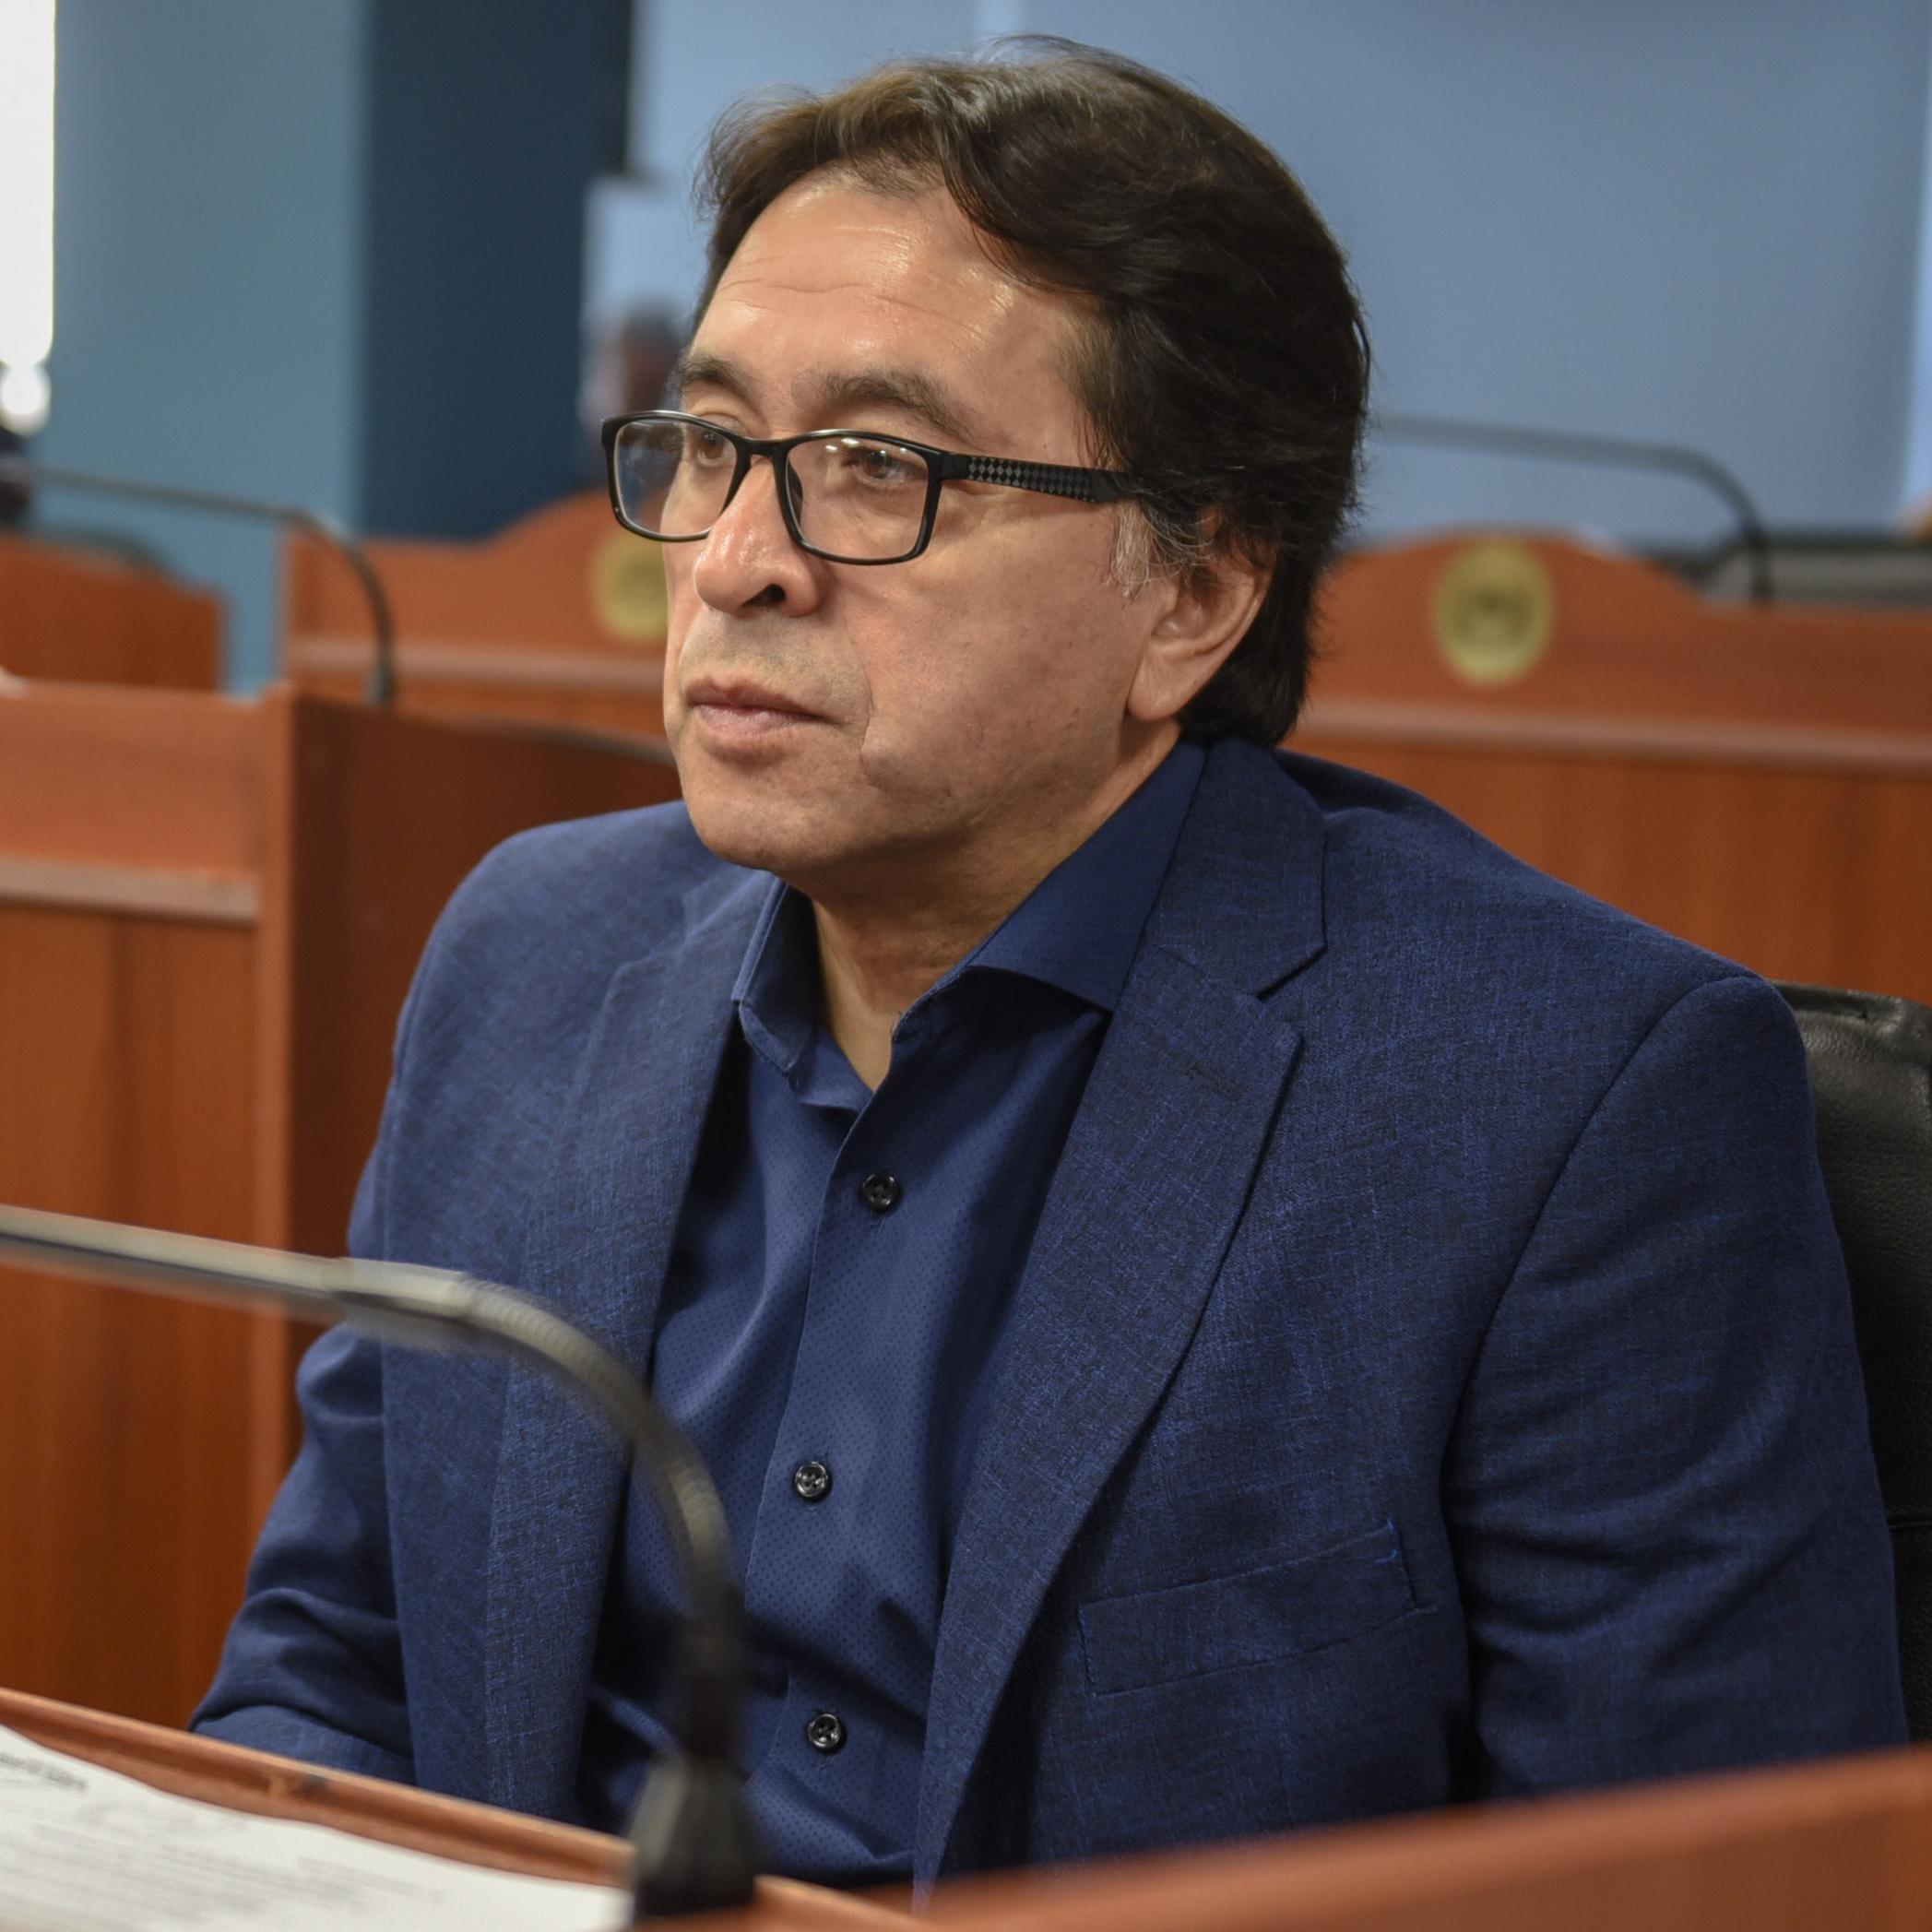 Dr. José Alaniz Andrada